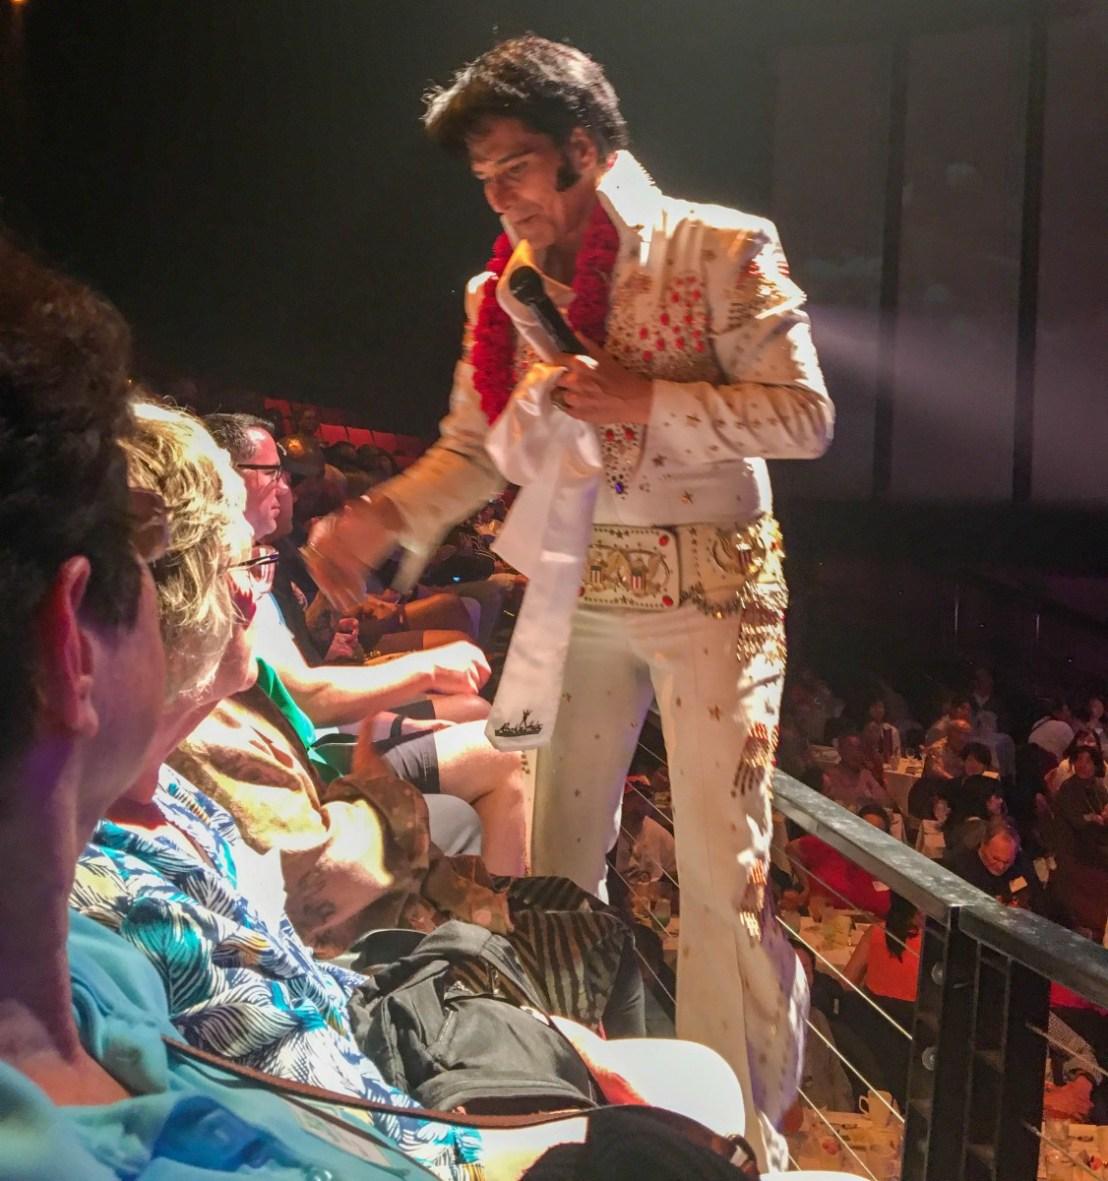 Elvis Presley Impersonator Handing Out Scarves